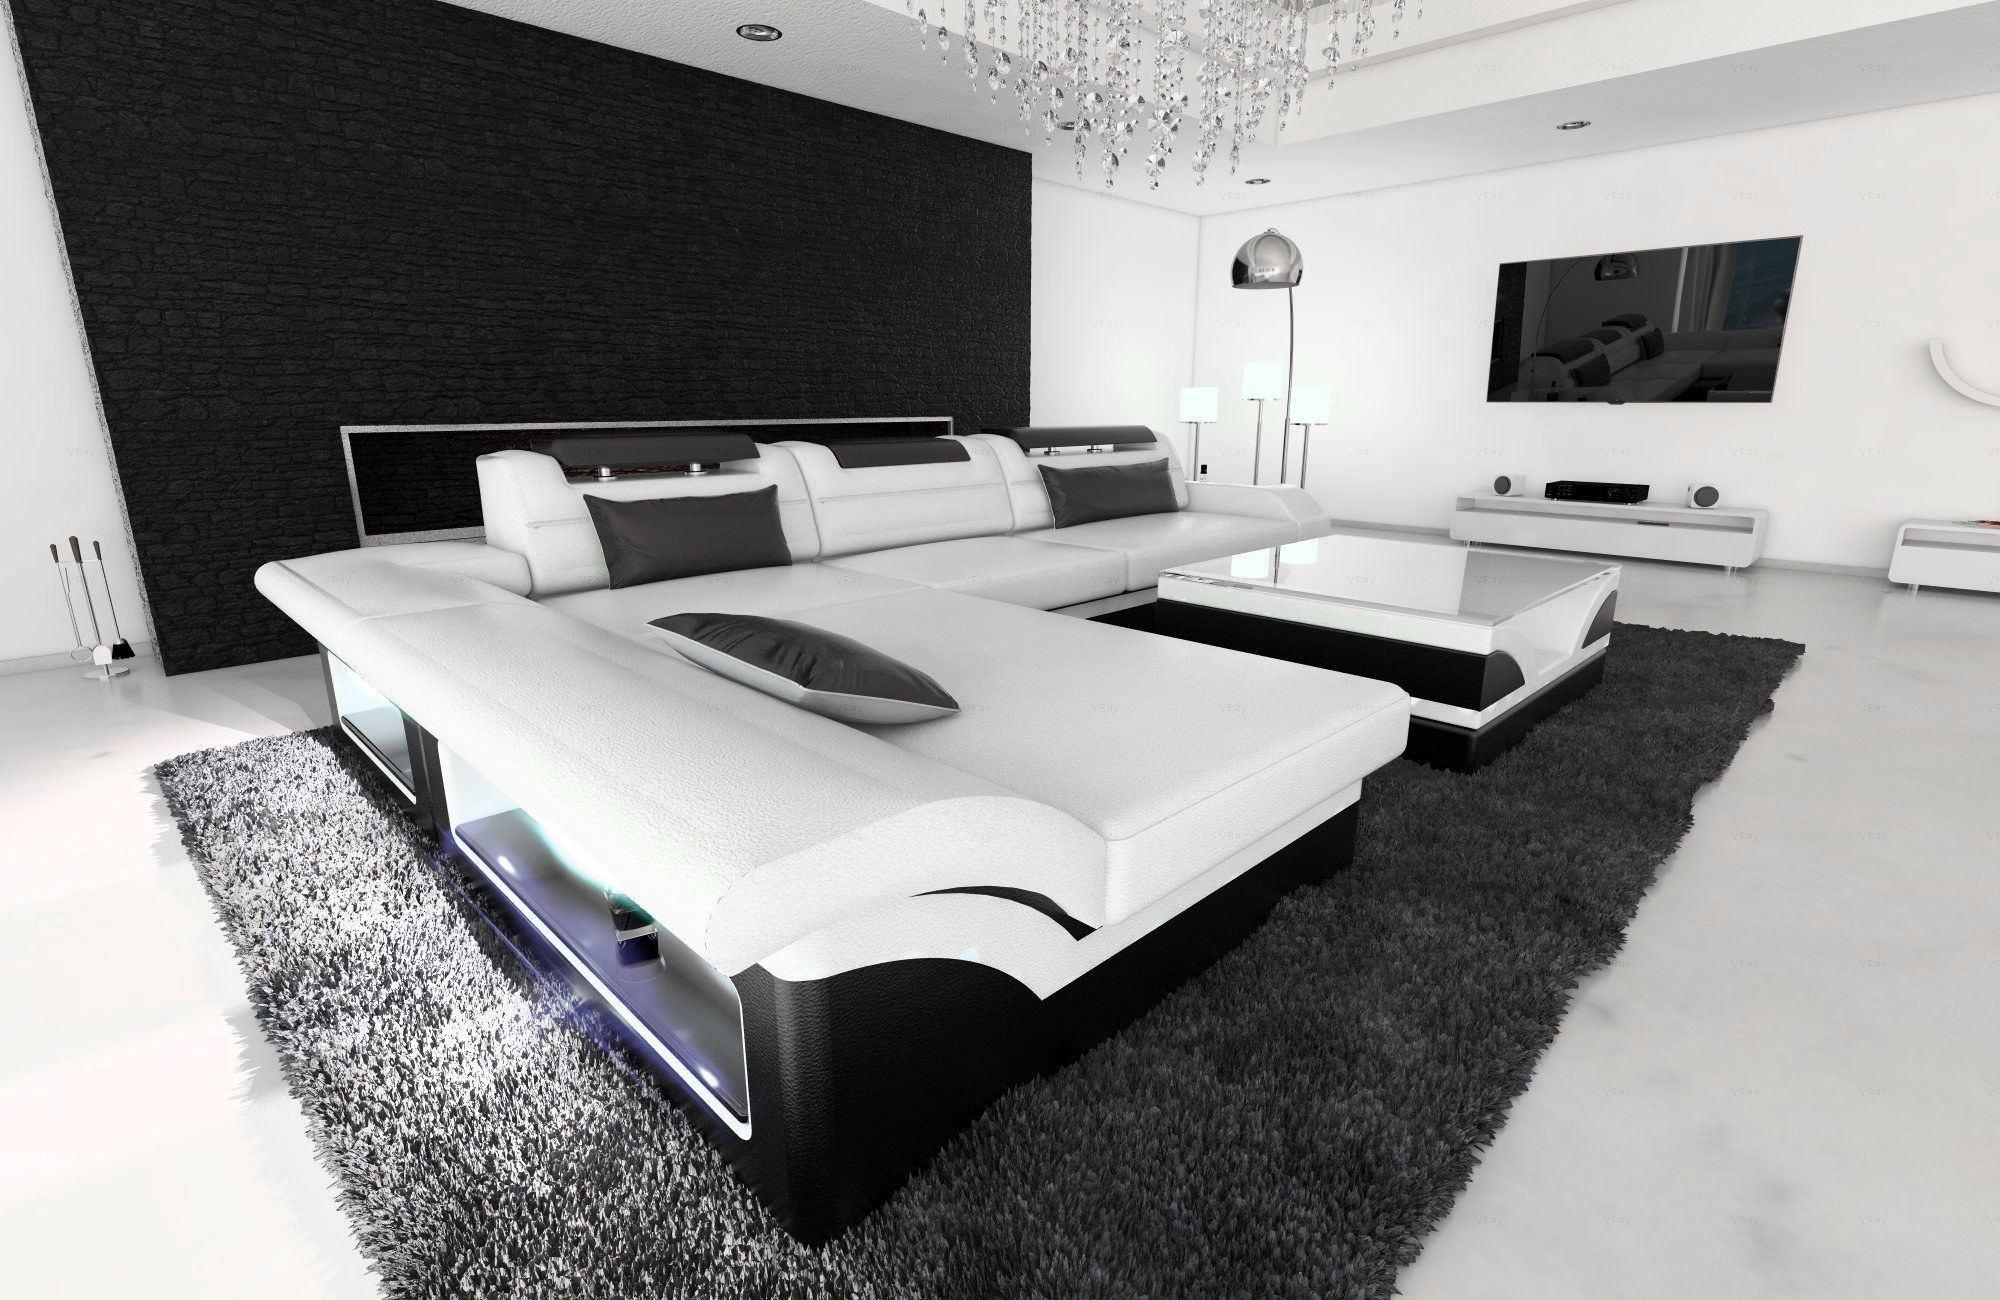 ledersofa monza l form weiss schwarz. Black Bedroom Furniture Sets. Home Design Ideas